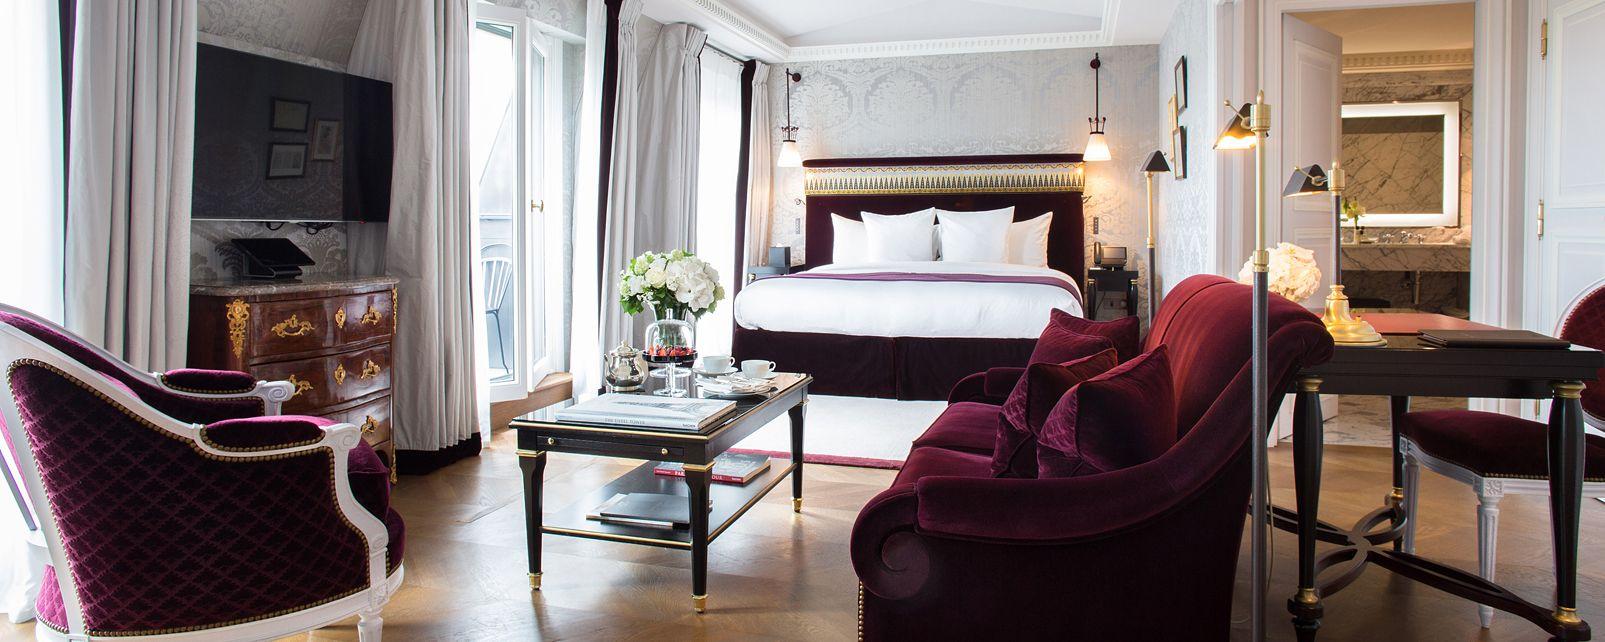 Hôtel La Reserve Paris